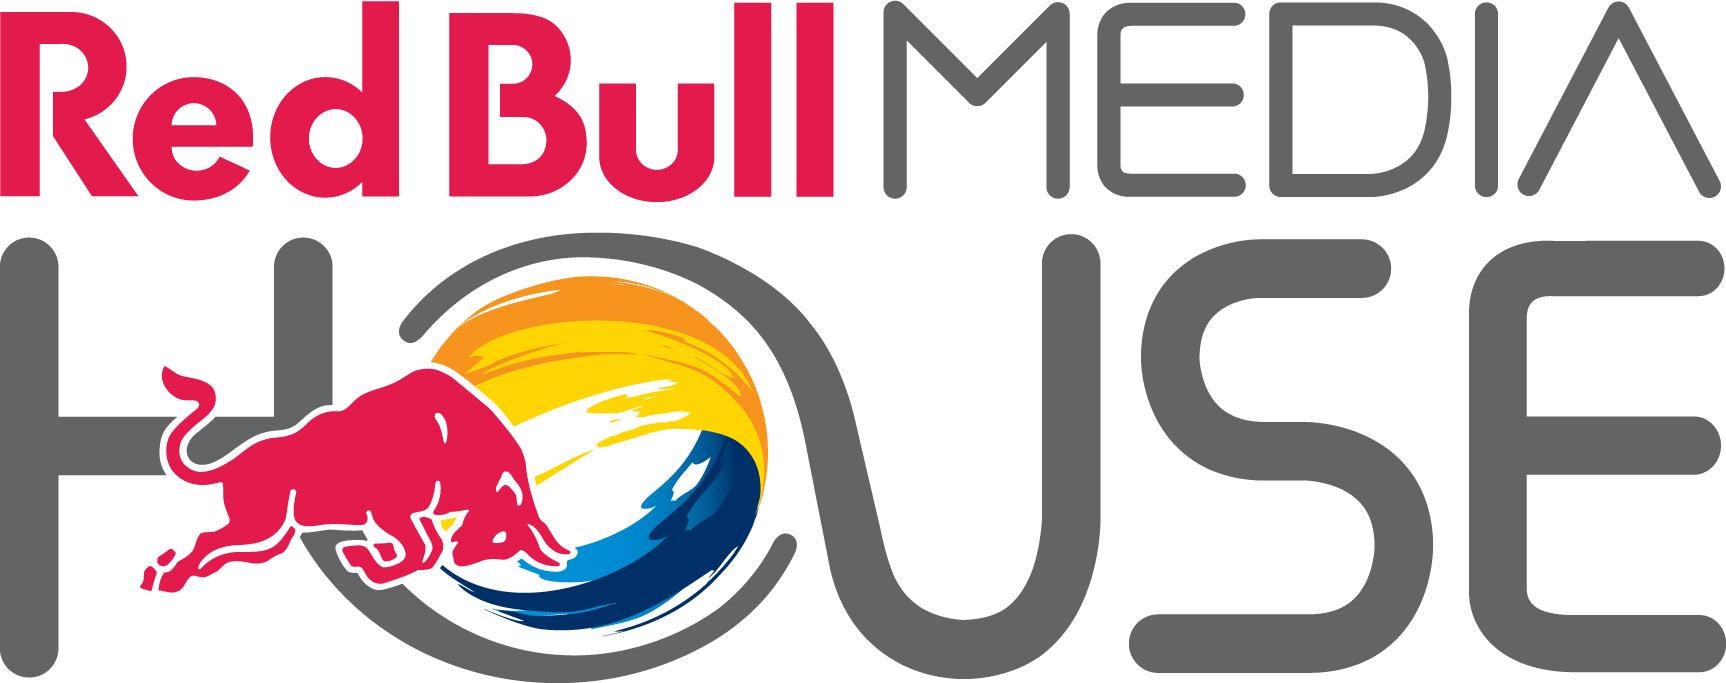 Red-Bull-Media-House-Logo-1.jpg